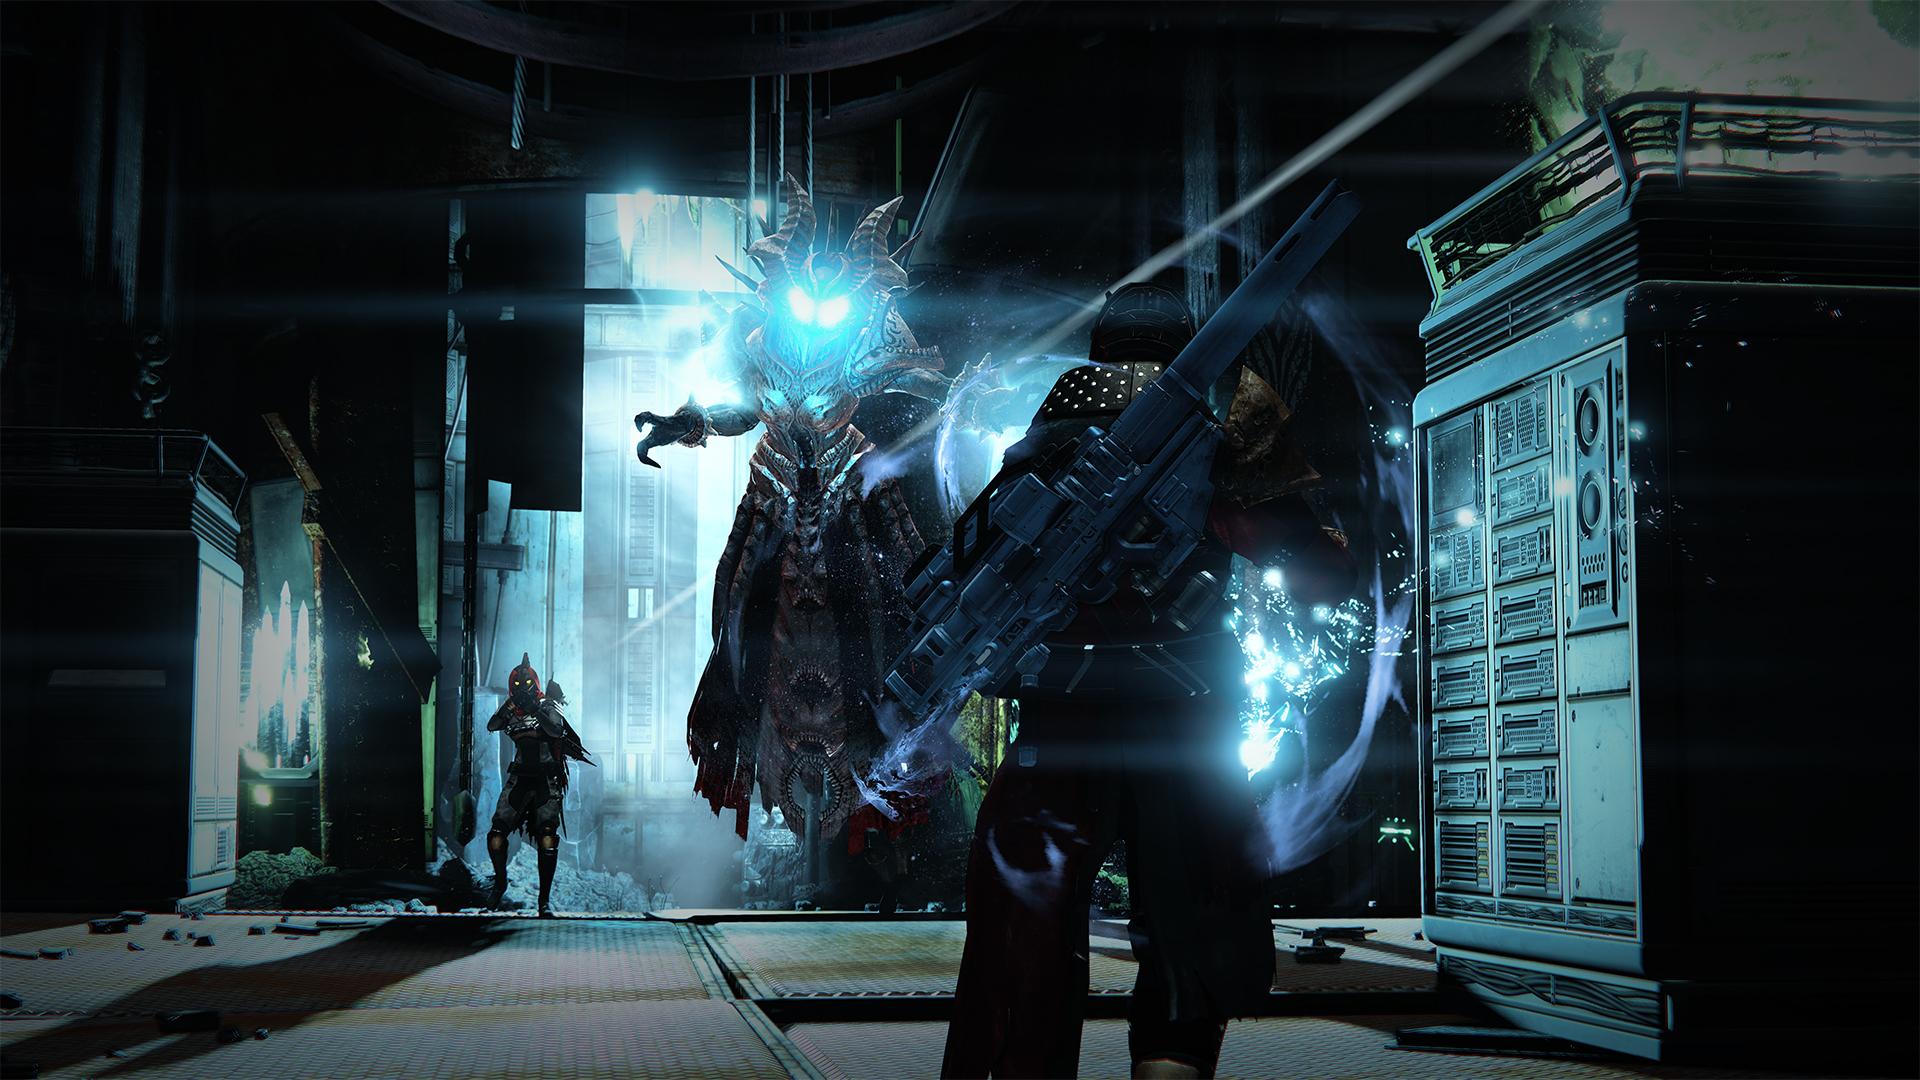 První expanze do Destiny dorazí 9. prosince 101713